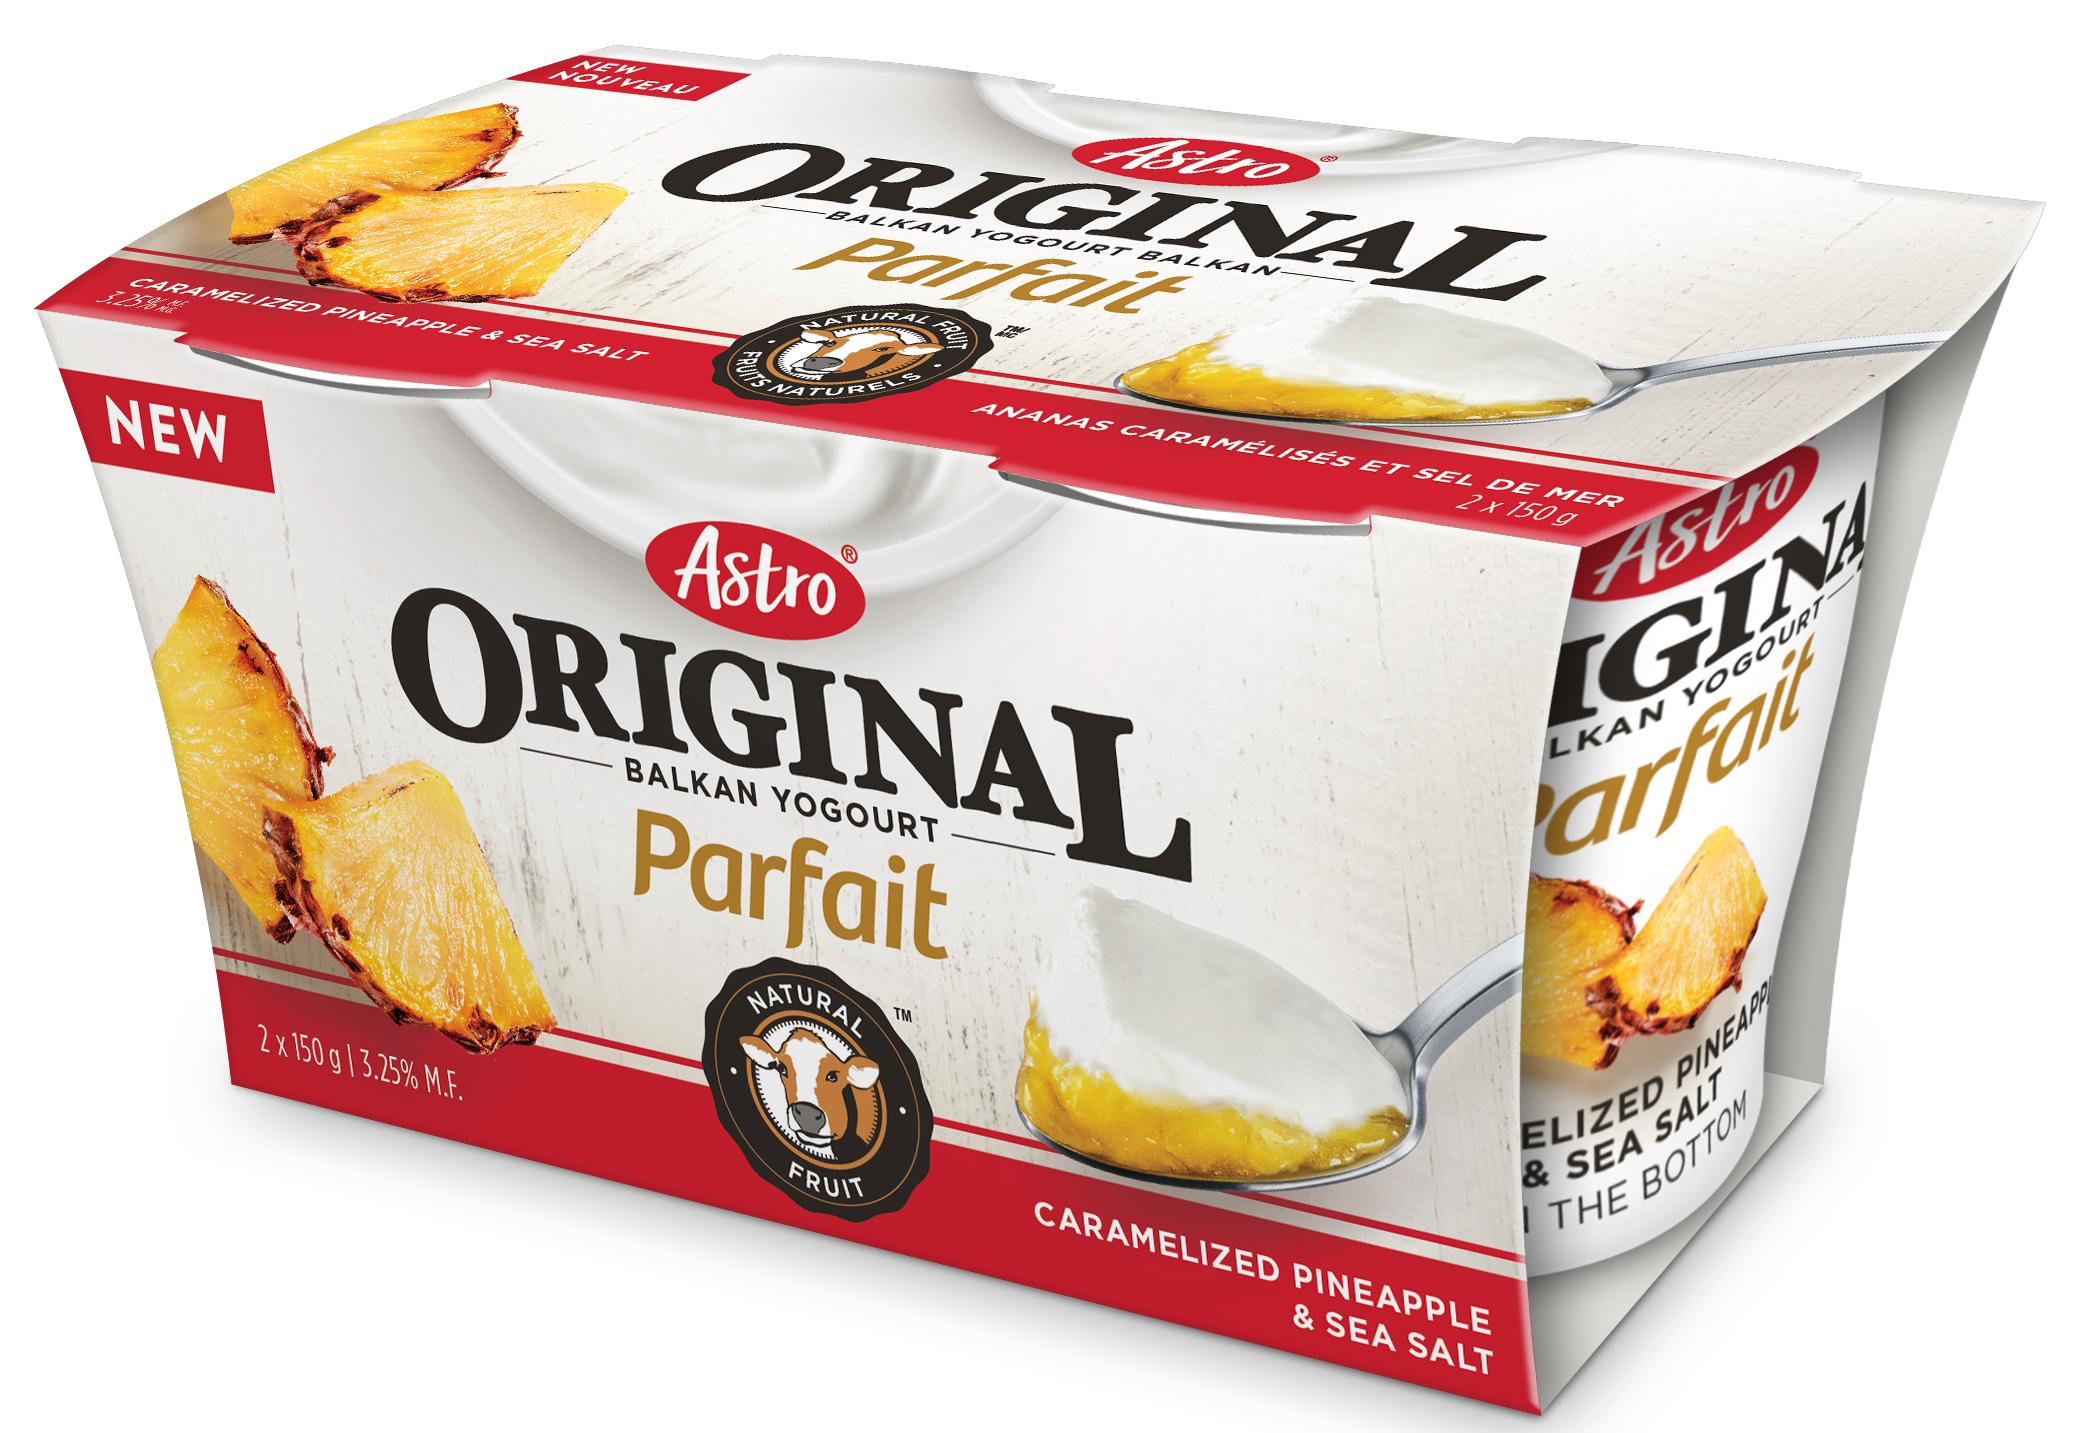 Astro Original Parfait